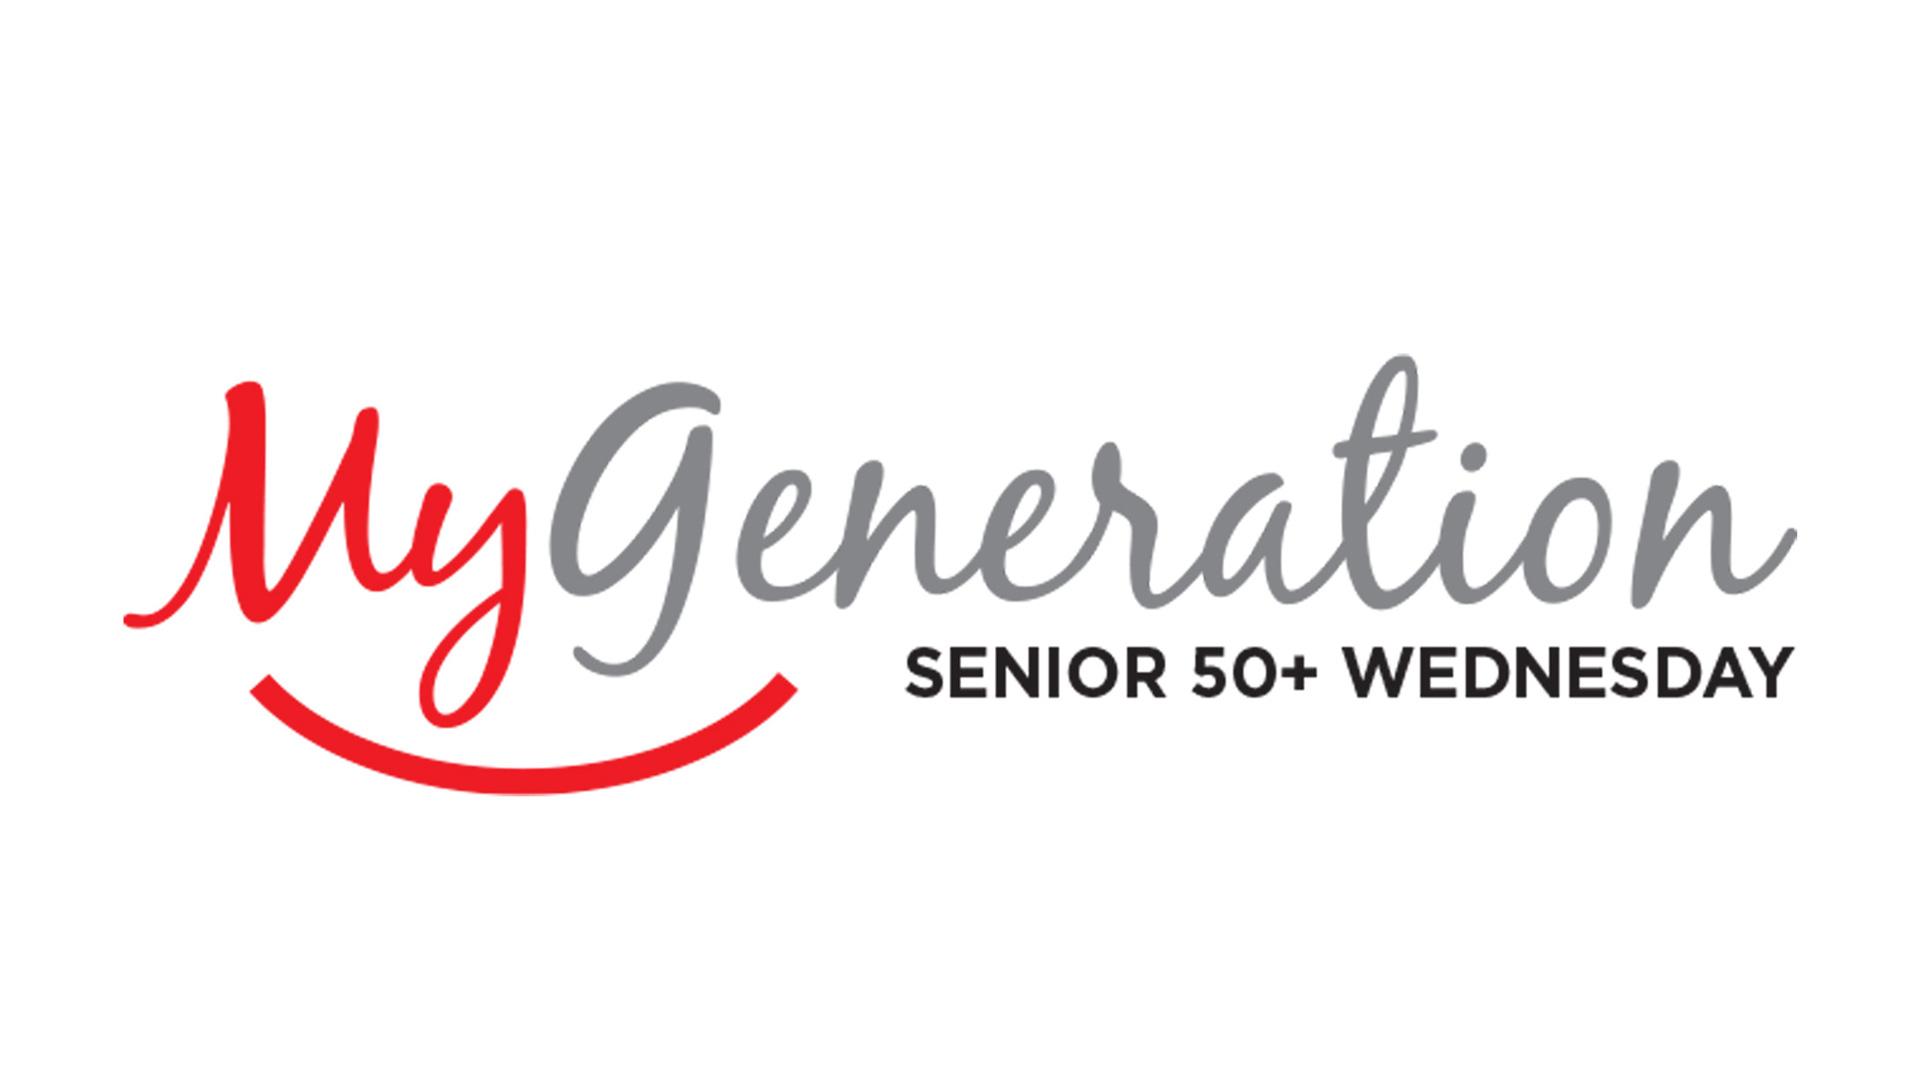 My Generation Senior 50+ Wednesday logo